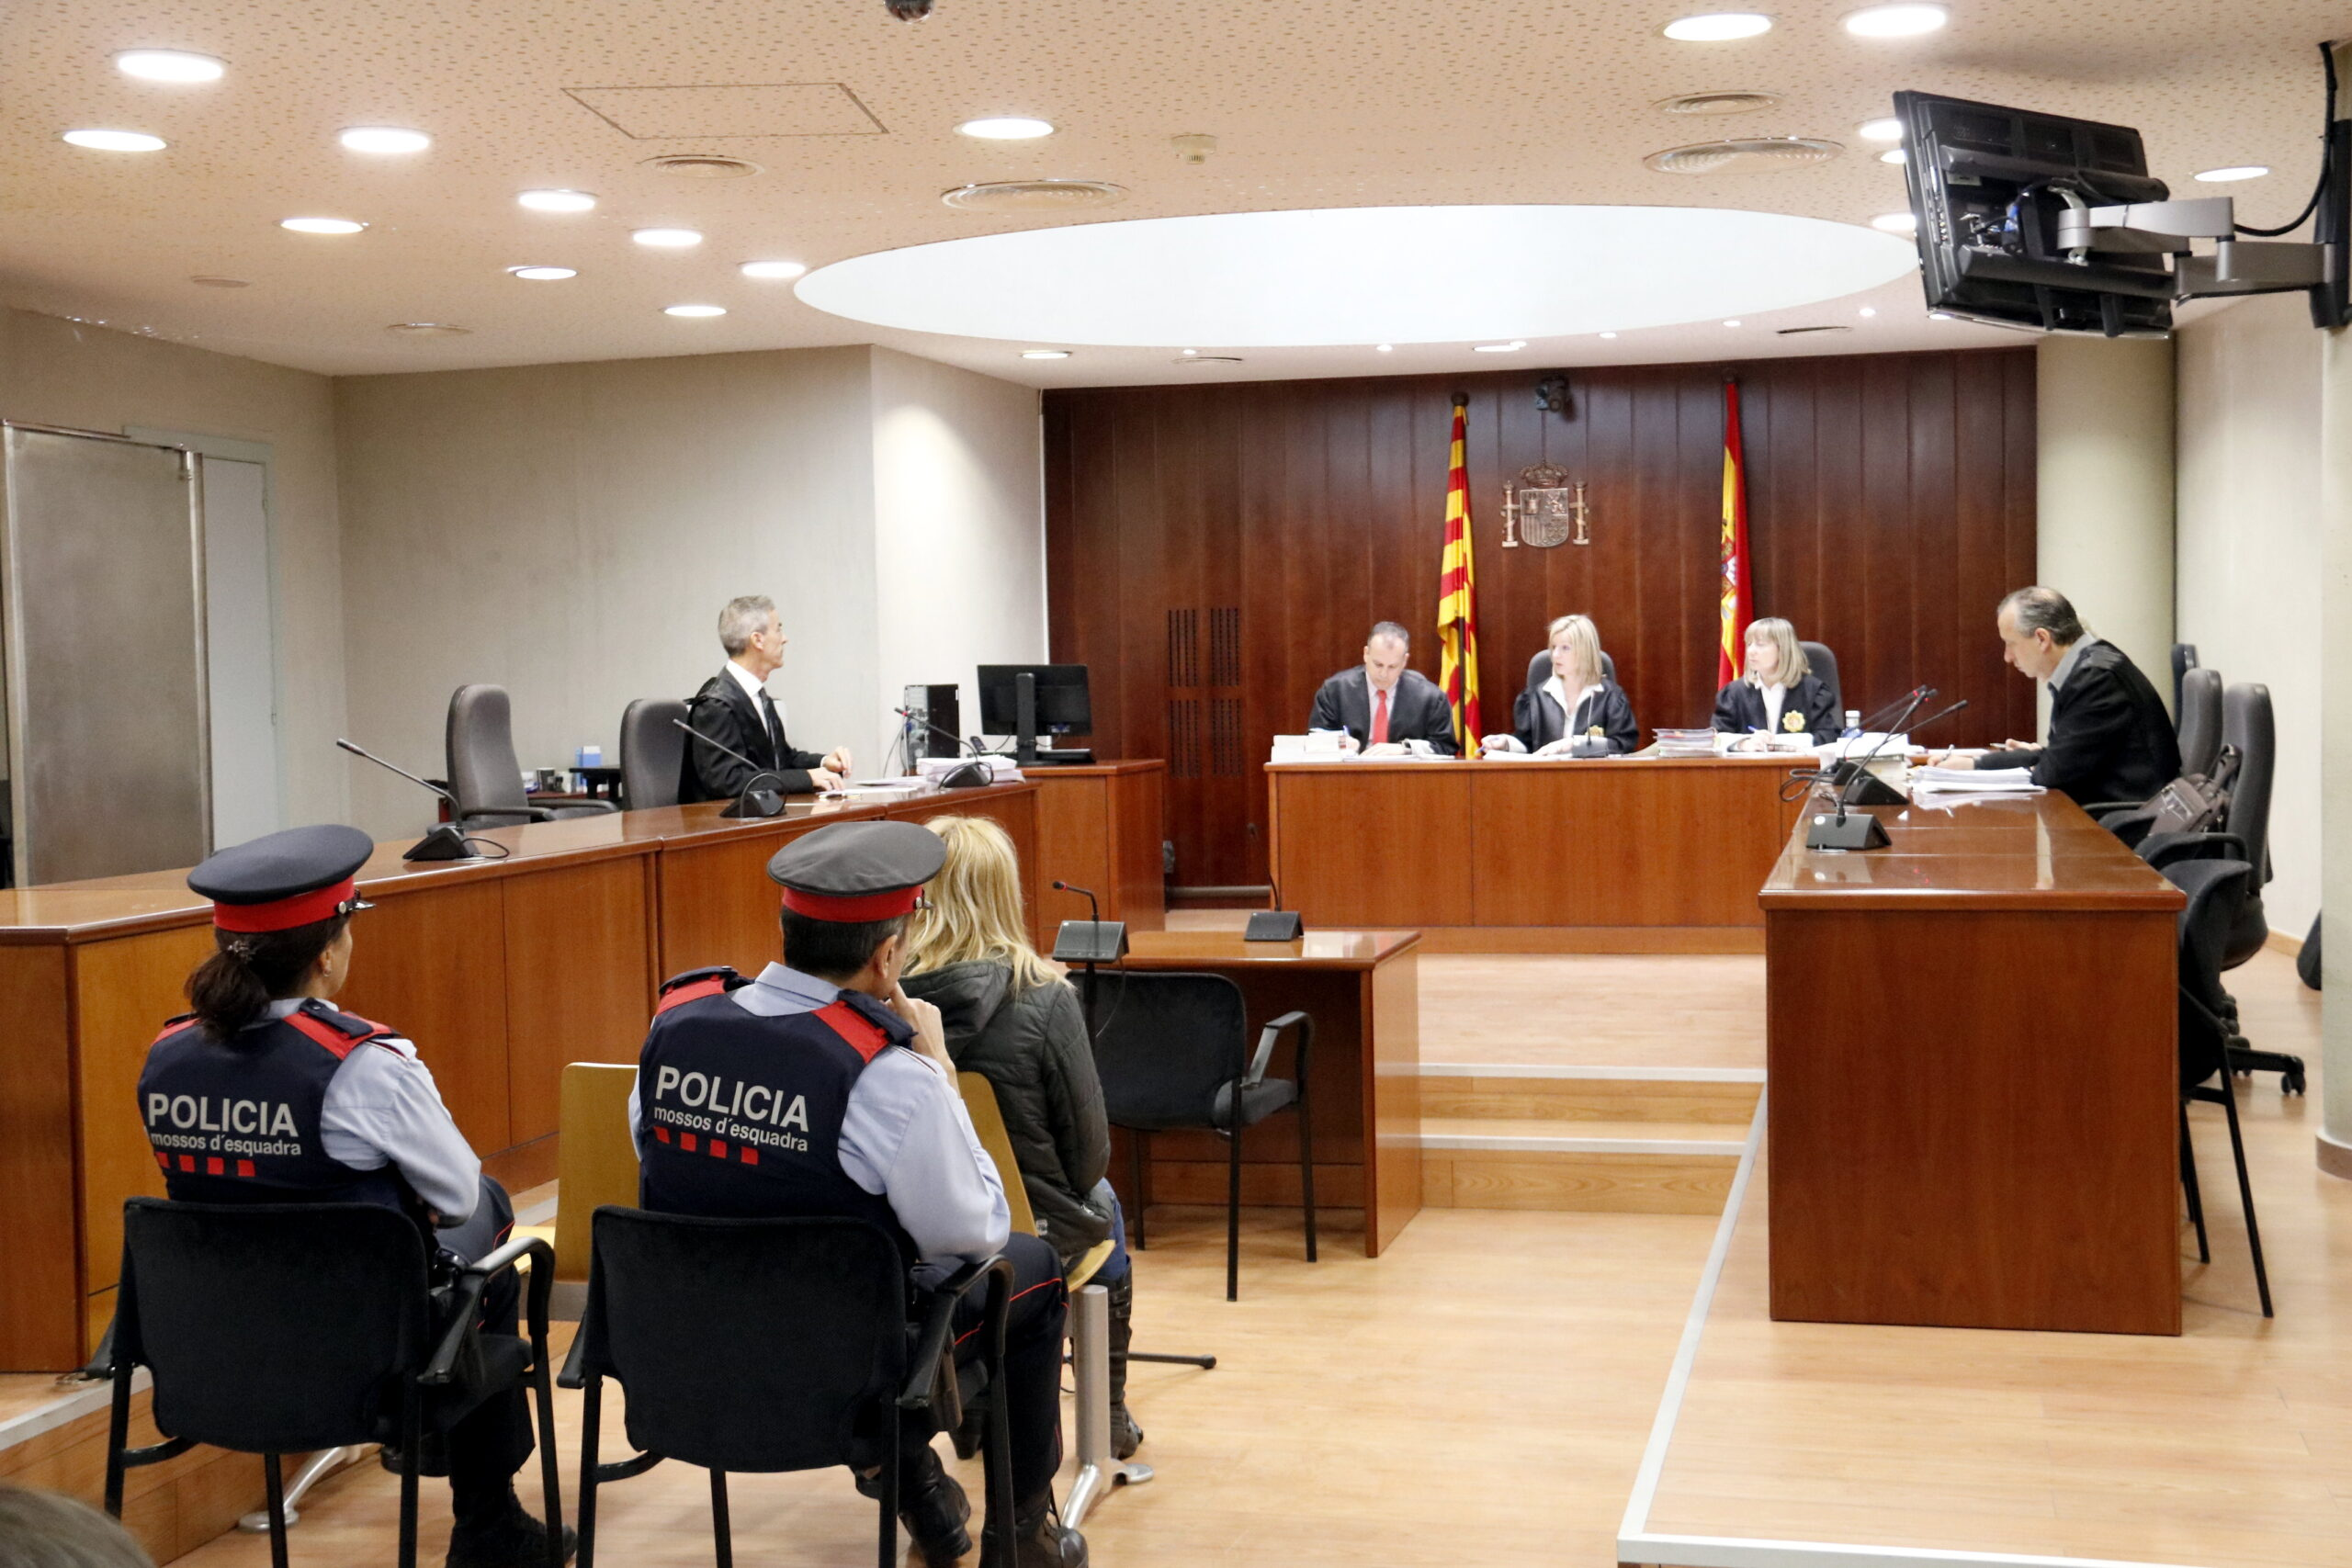 Pla general de la dona acusada d'intentar matar el seu marit a Mollerussa, durant la declaració al judici a l'Audiència de Lleida. Imatge del 10 d'abril de 2019. (Horitzontal)